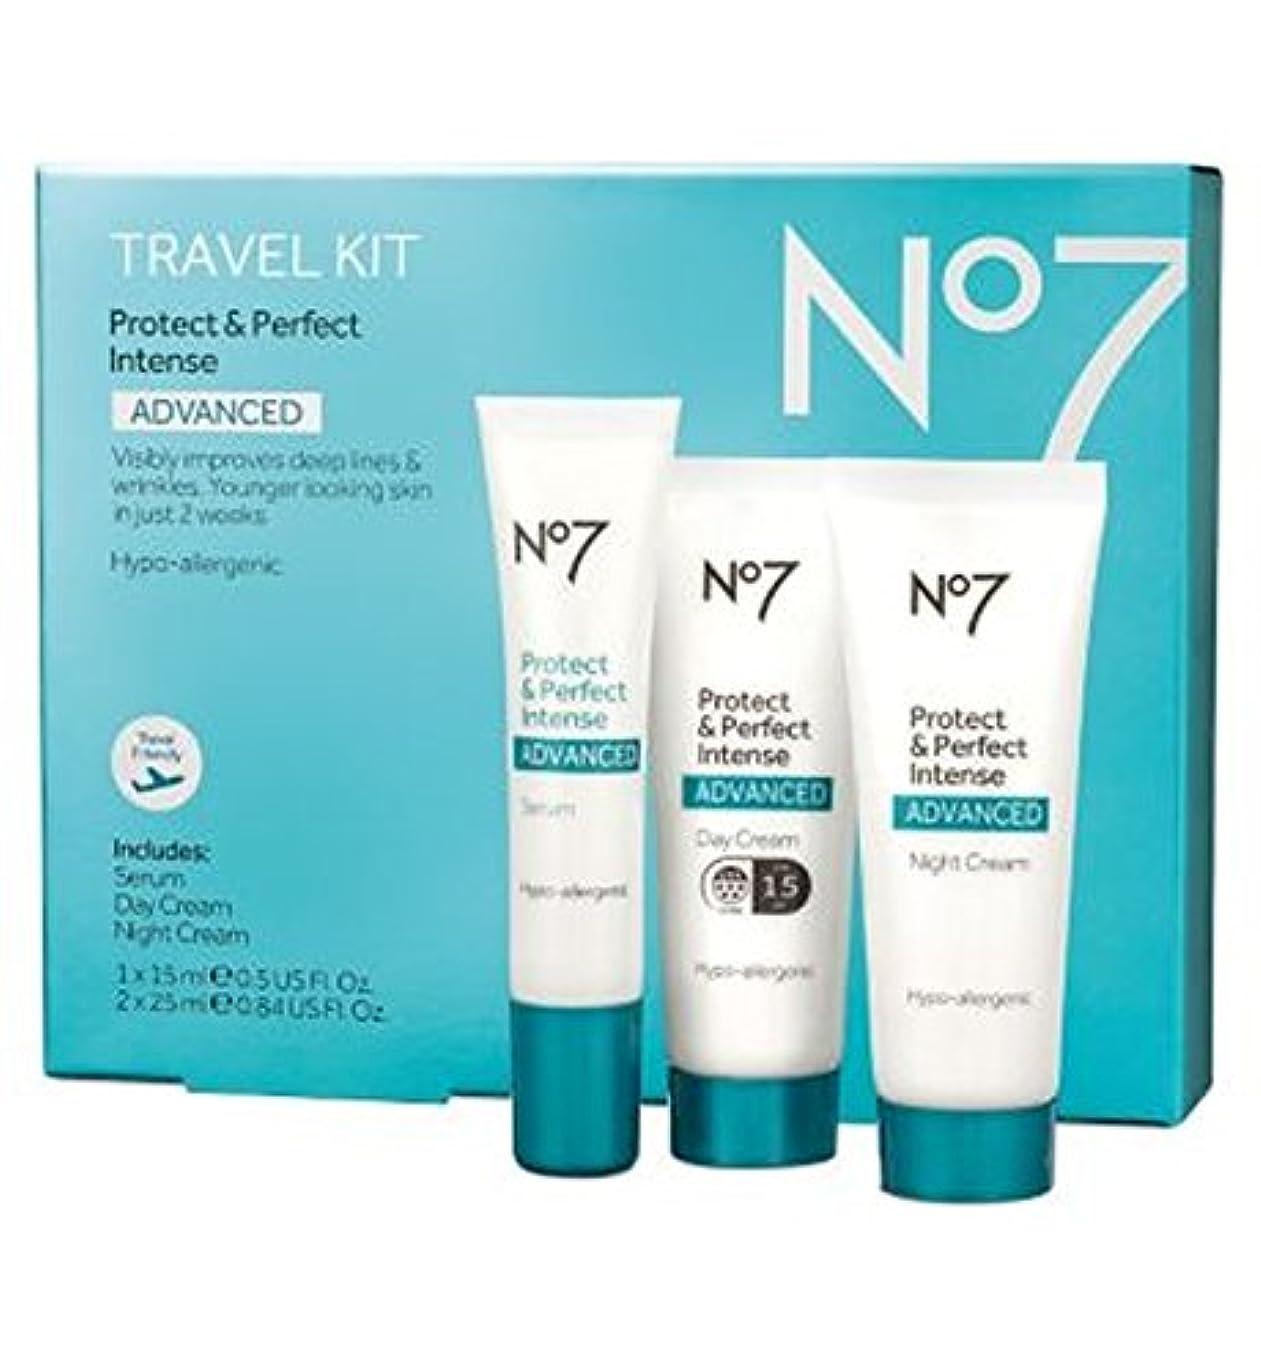 暫定レンドつかまえるNo7 Protect & Perfect Intense ADVANCED Travel Kit - No7保護&完璧な強烈な高度な旅行キット (No7) [並行輸入品]